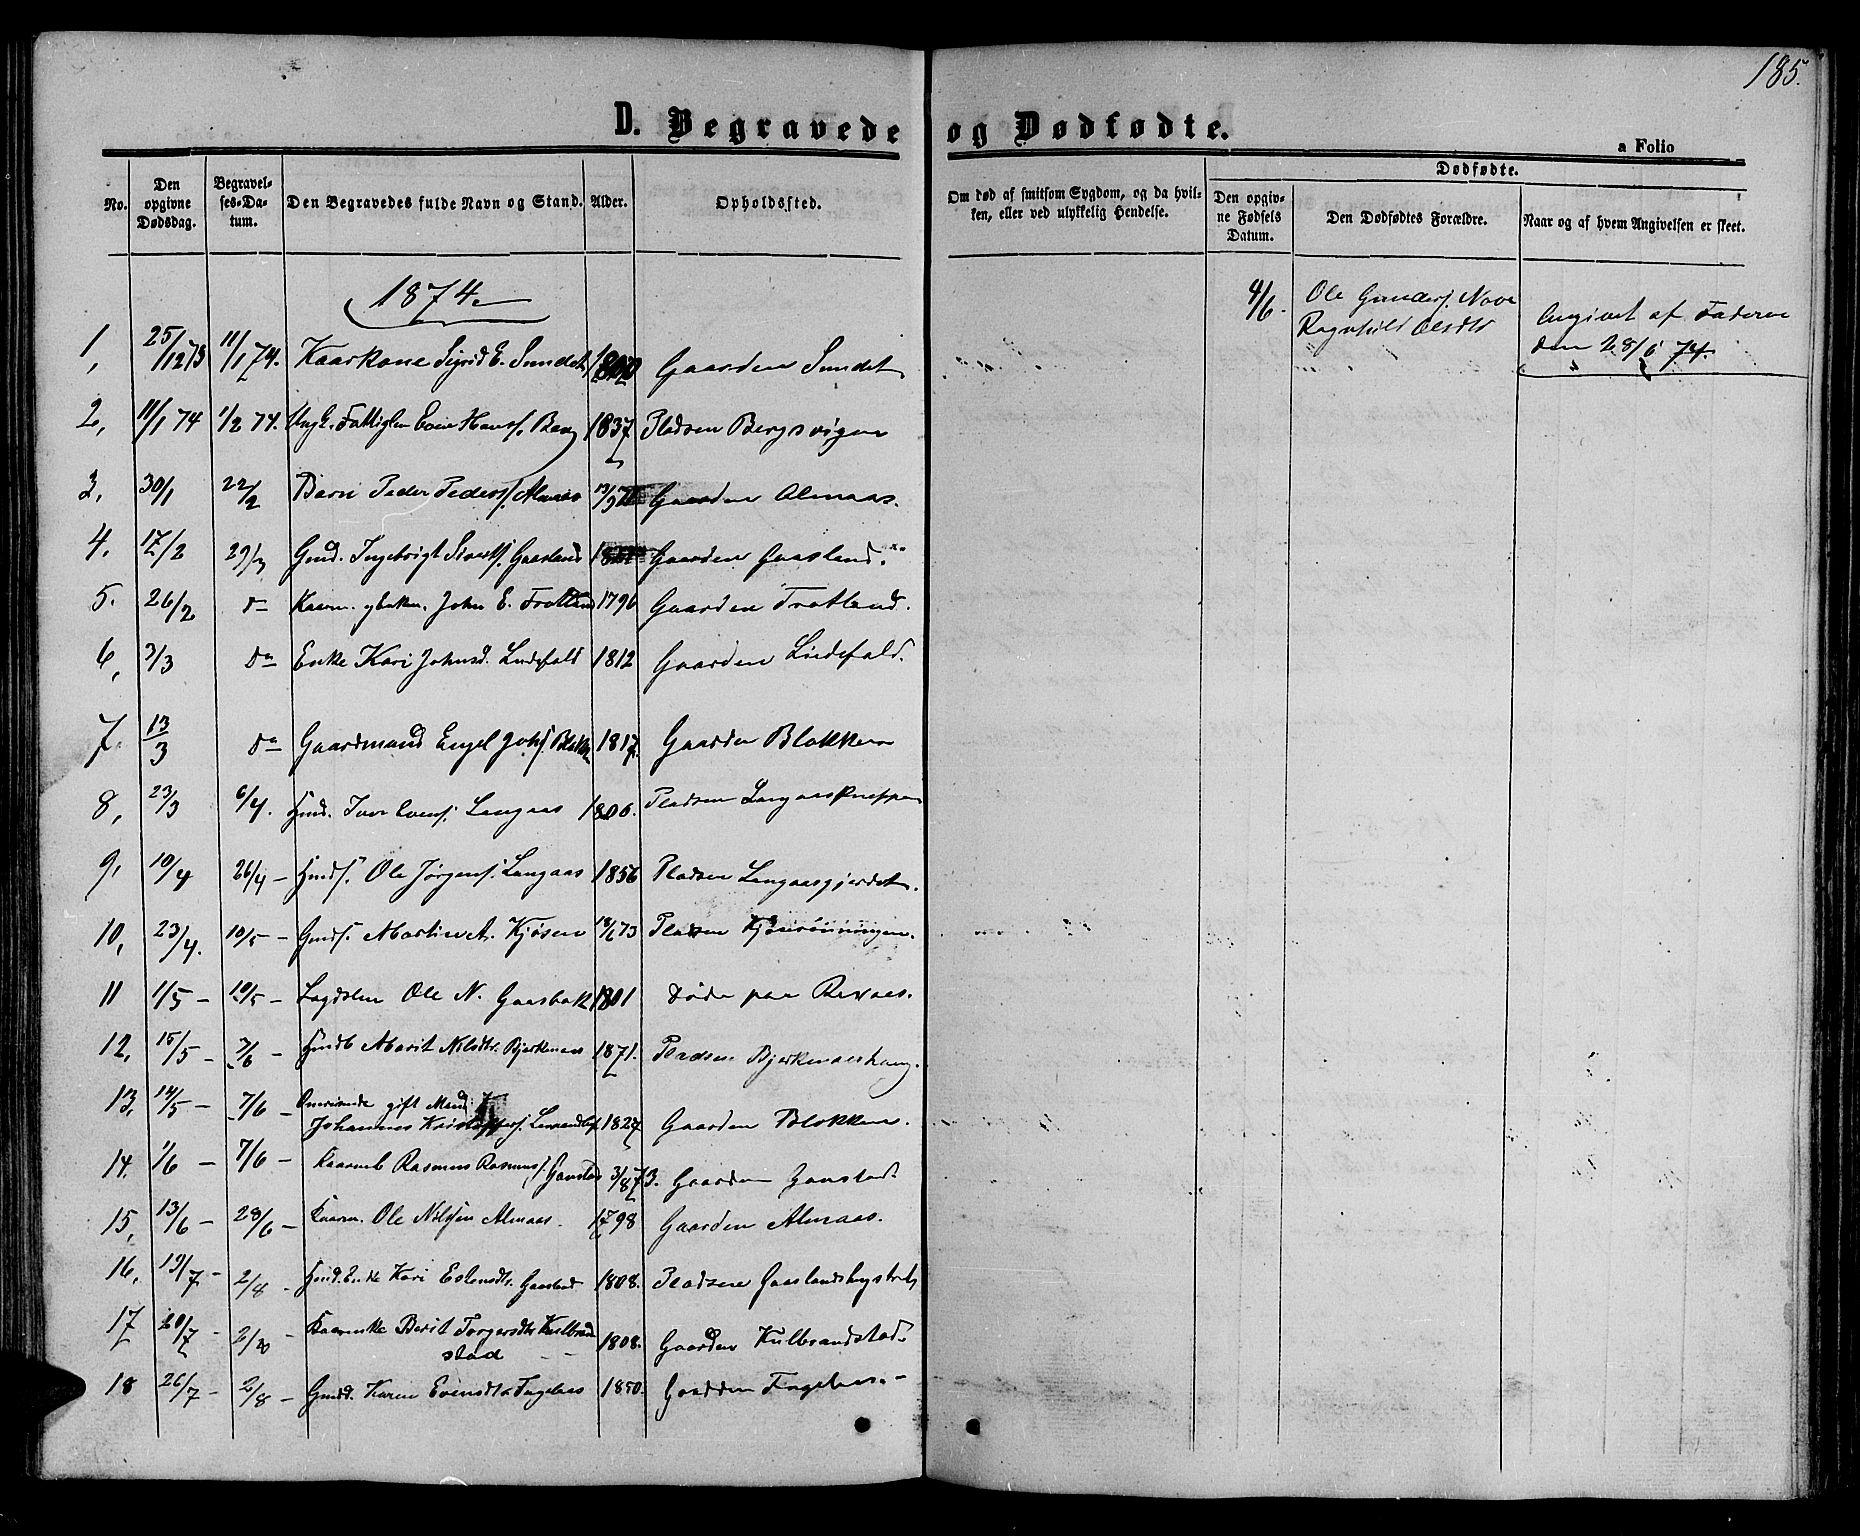 SAT, Ministerialprotokoller, klokkerbøker og fødselsregistre - Sør-Trøndelag, 694/L1131: Klokkerbok nr. 694C03, 1858-1886, s. 185